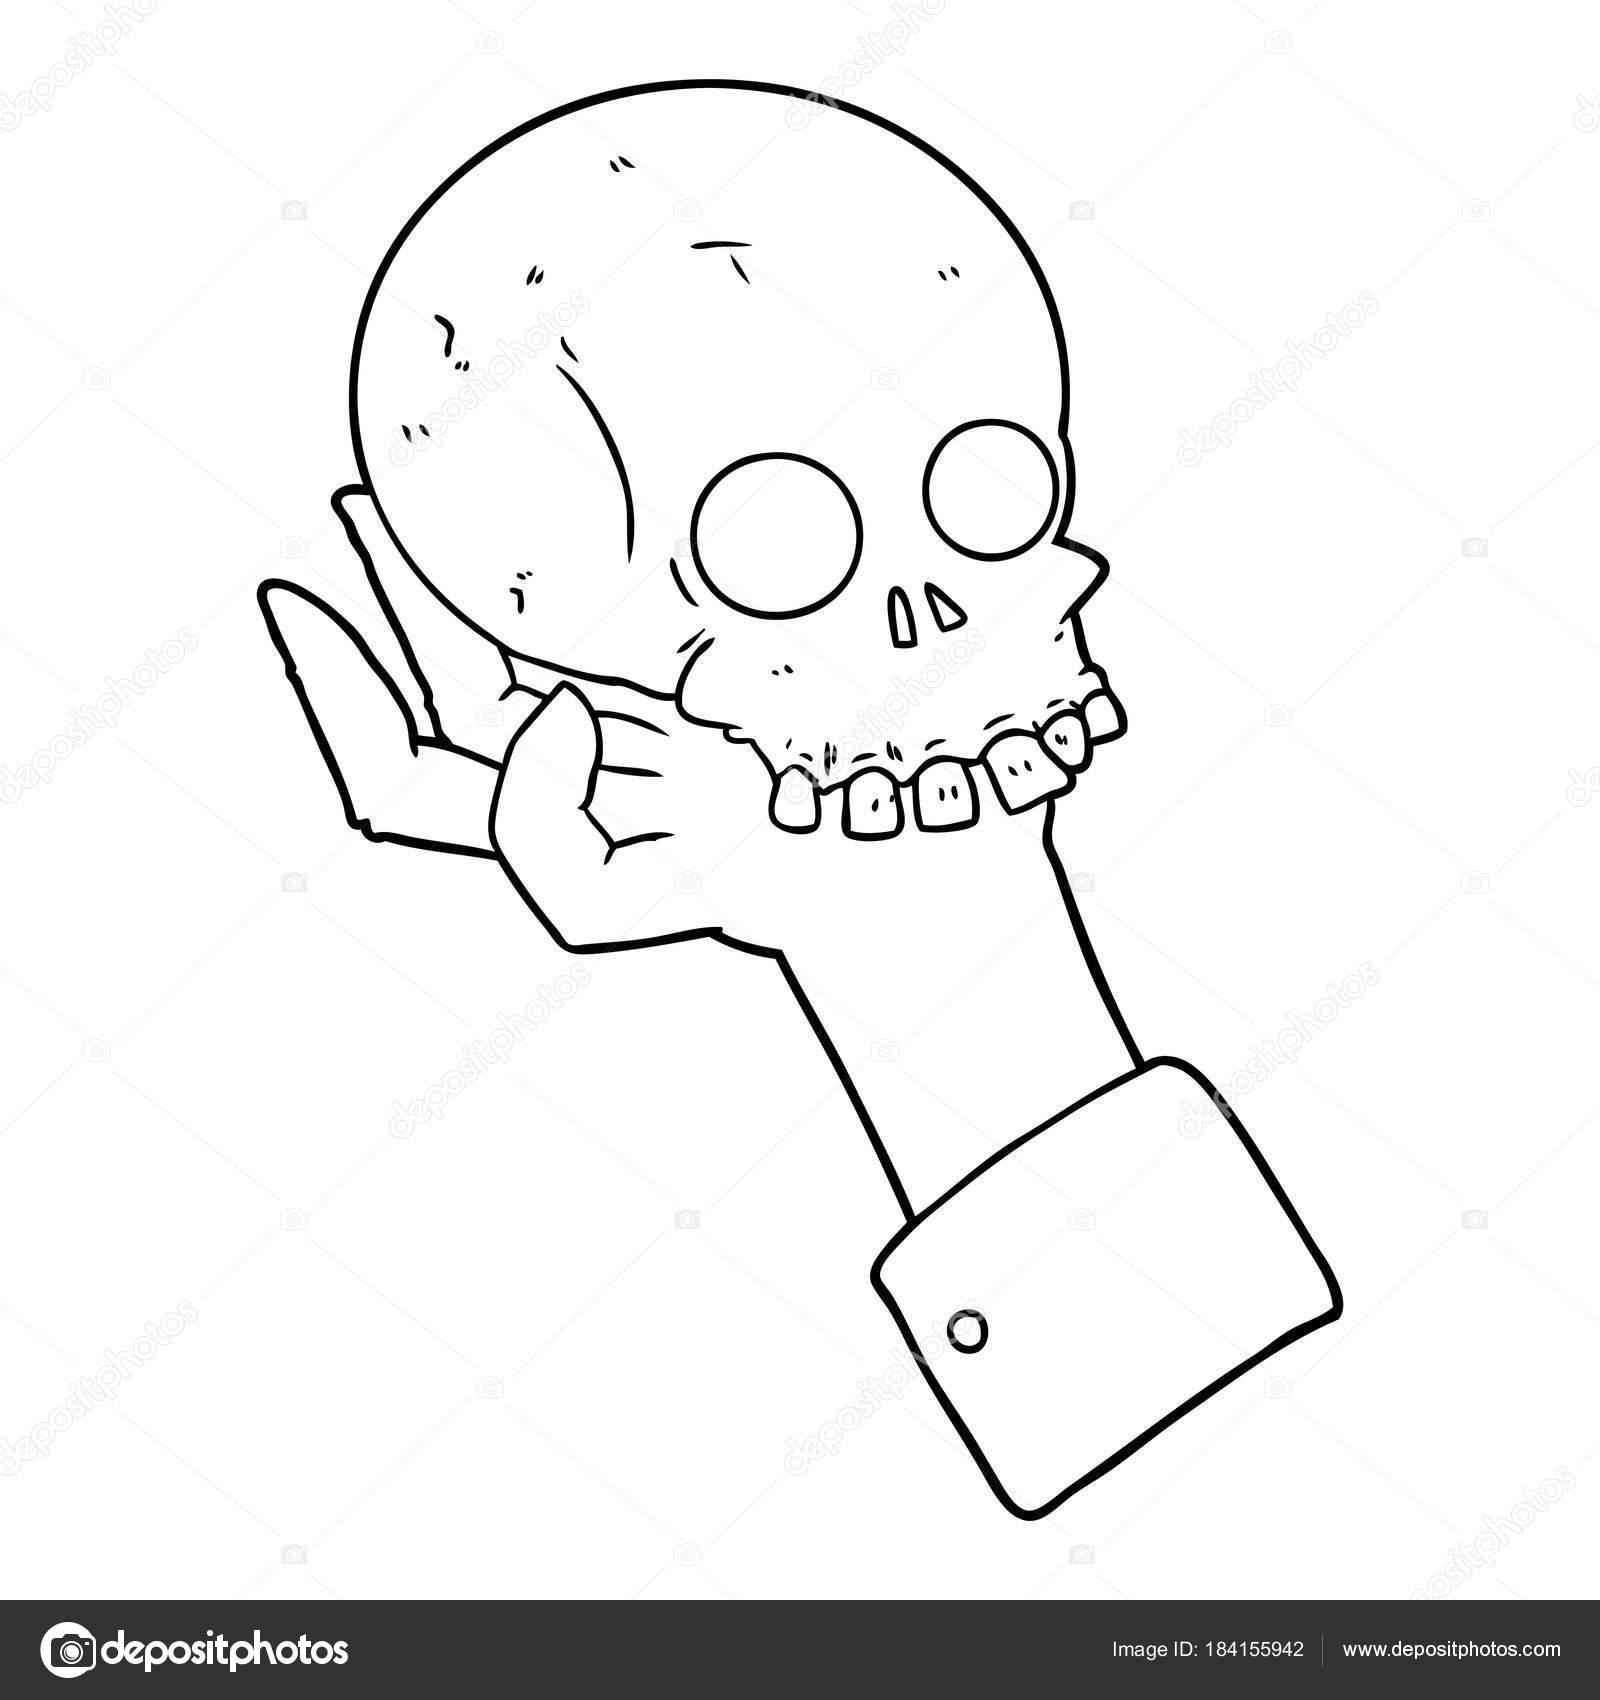 Dibujo De Una Persona Muerta Para Colorear Cráneo Explotación Mano